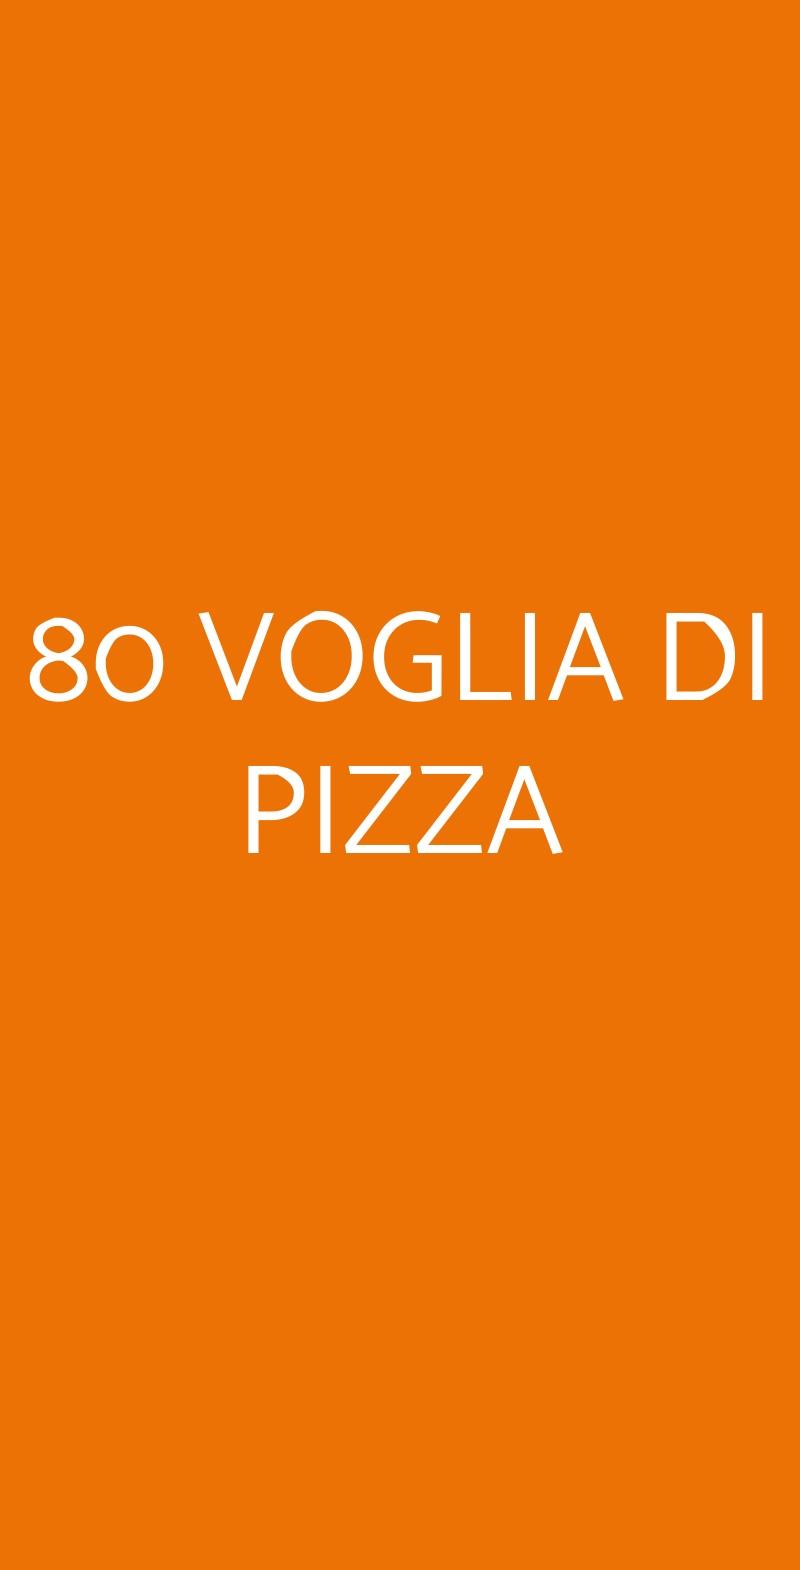 80 VOGLIA DI PIZZA Roma menù 1 pagina